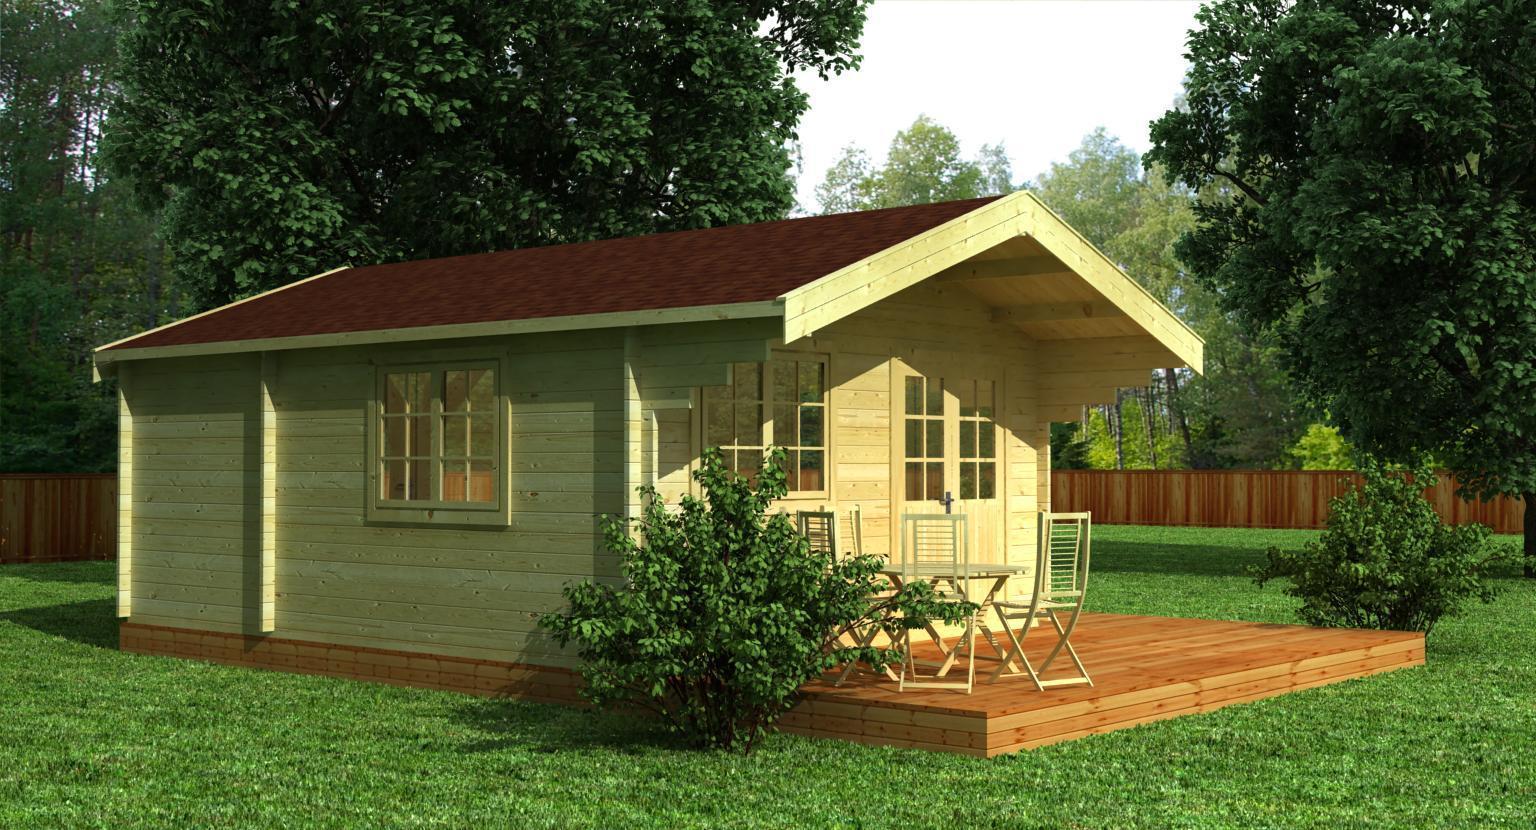 gartenhaus modell konstanz 44 sams gartenhaus shop. Black Bedroom Furniture Sets. Home Design Ideas